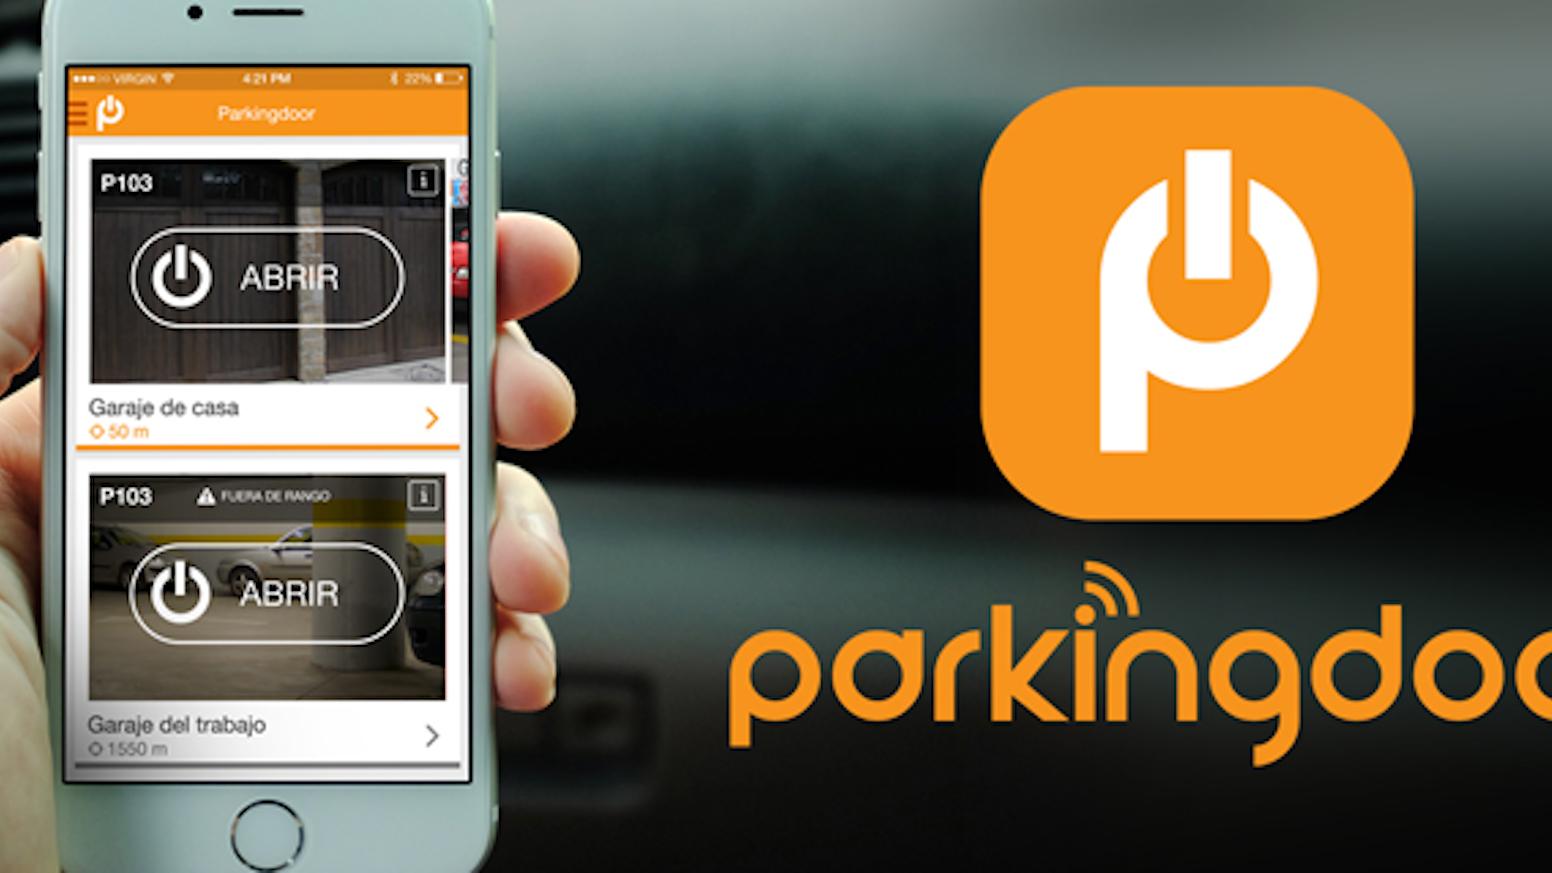 Abre la puerta del garaje desde tu smartphone o smartwatch, de manera segura, olvídate de los mandos, y comparte el acceso fácilmente.